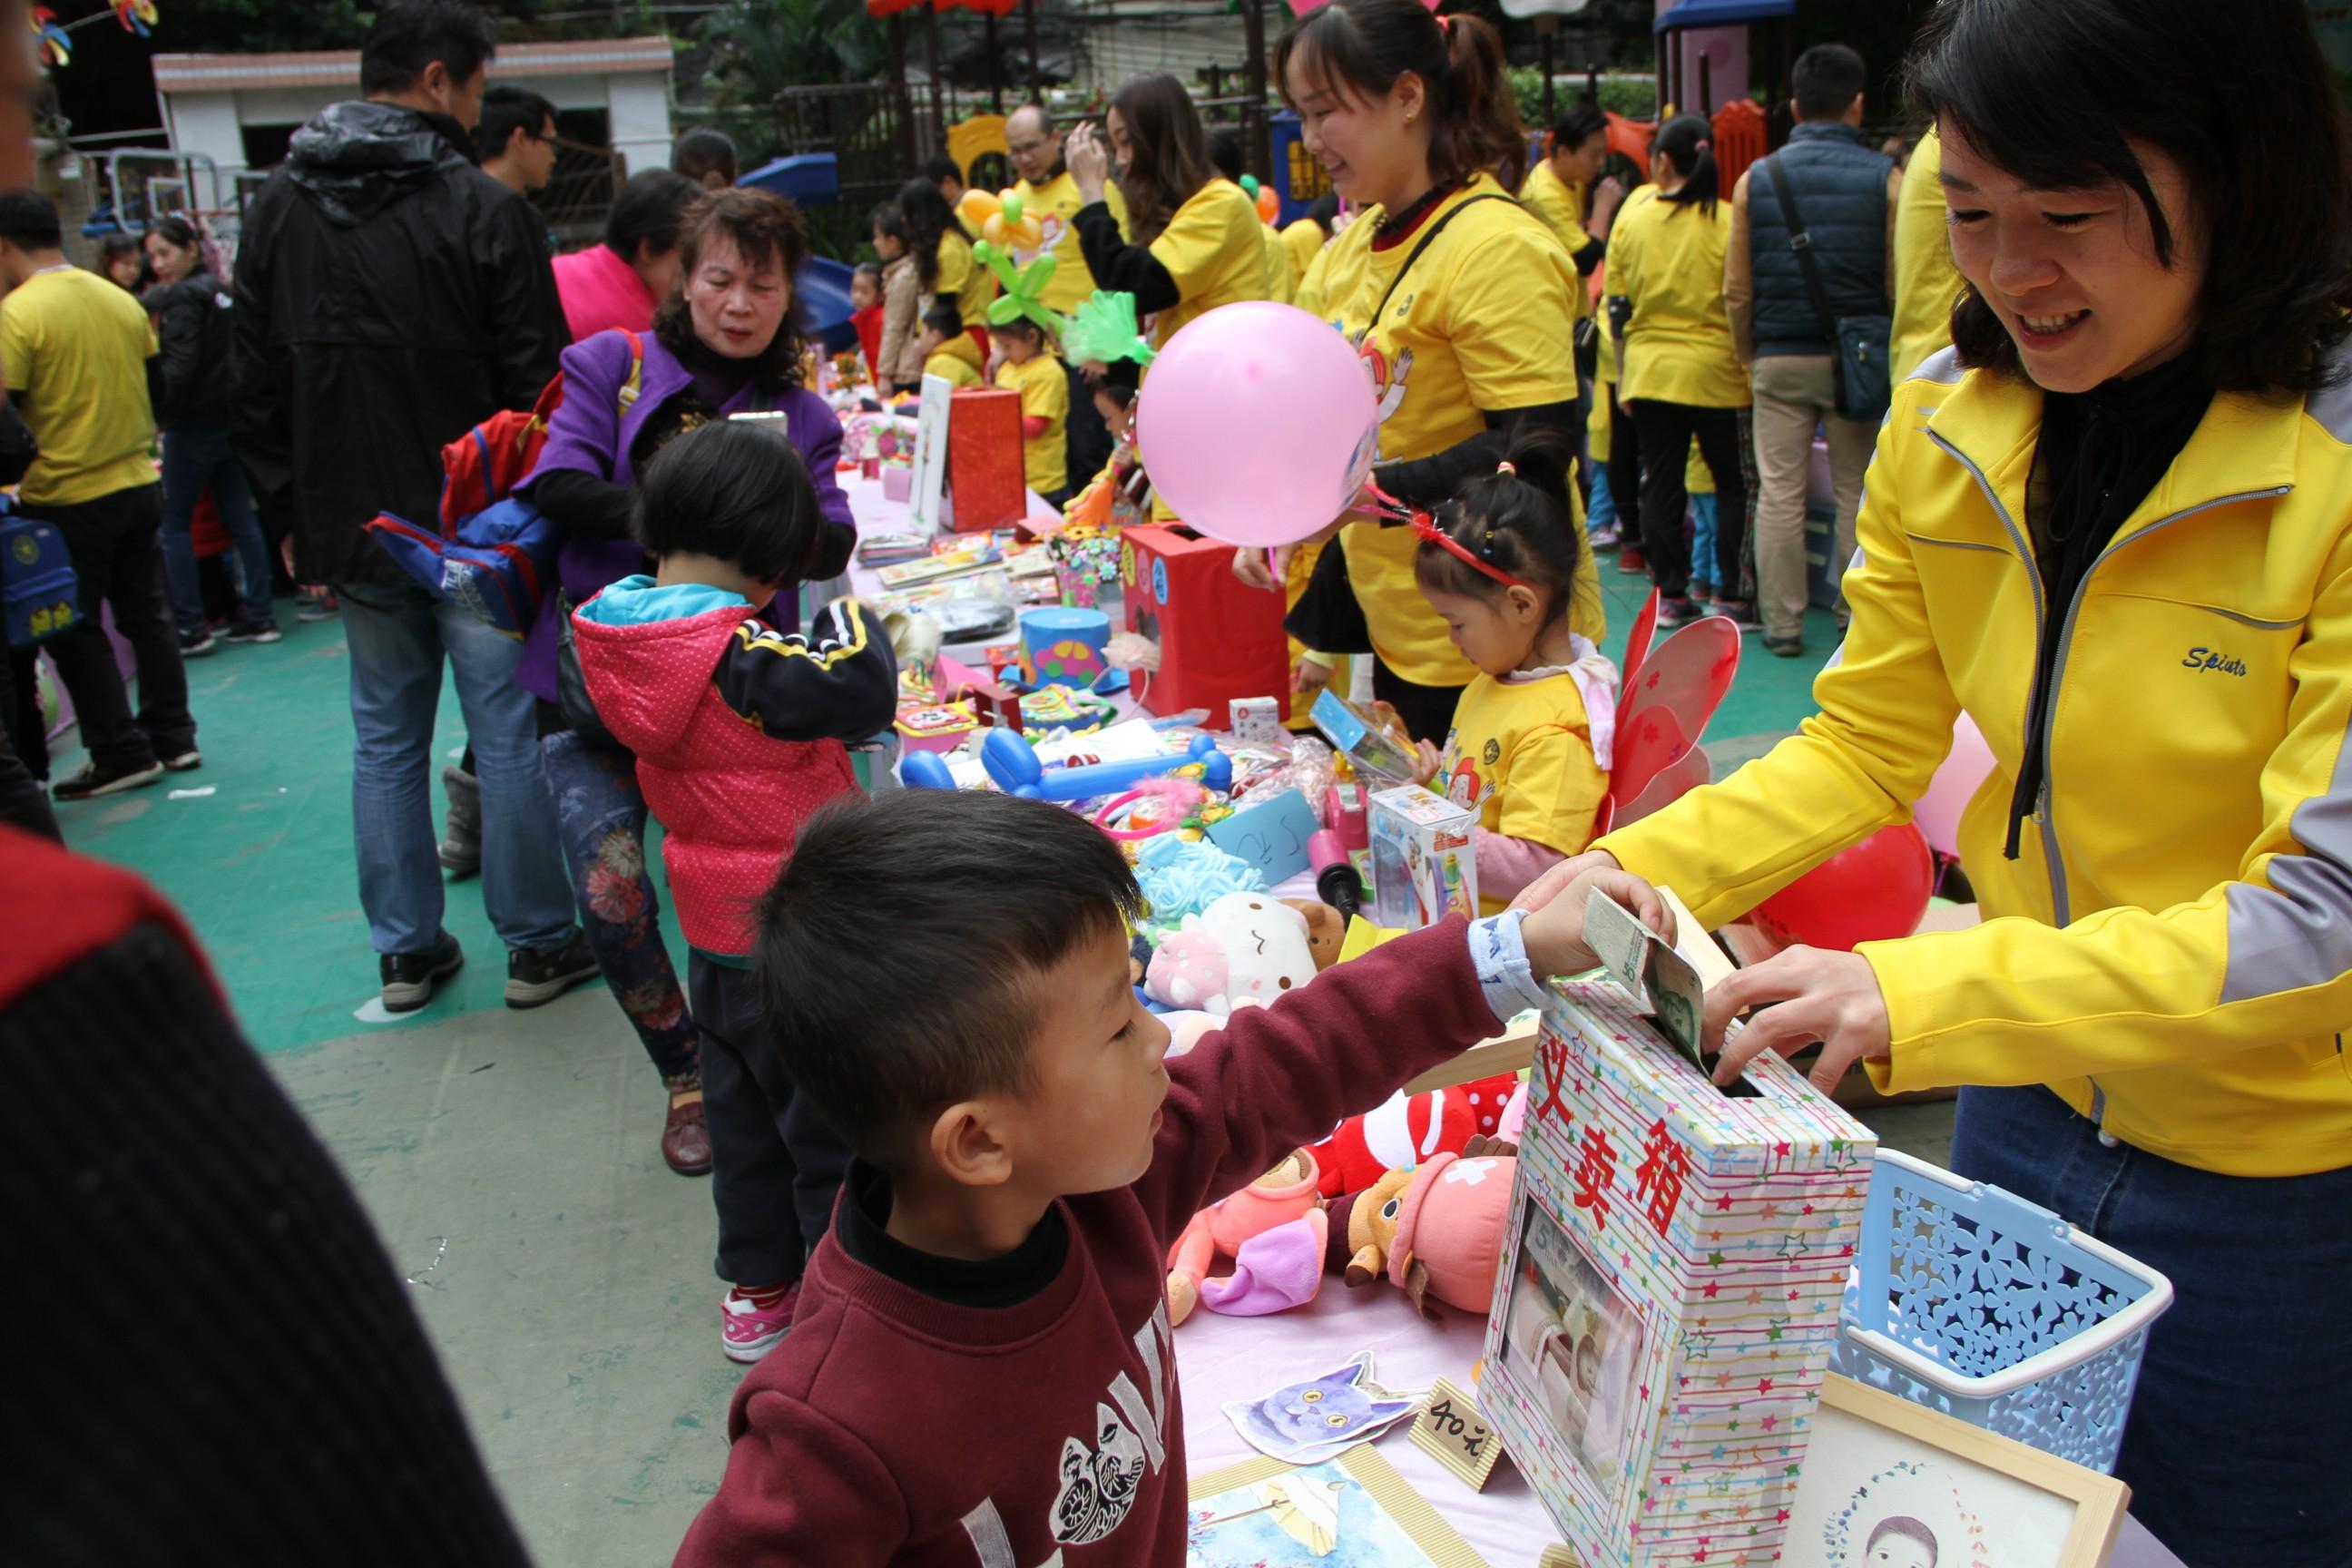 本次义卖活动得到了全园家长、幼儿和老师的大力支持,全园共有150个家庭参与共同筹得1453件爱心物品。其中小一班13个家庭共170件爱心物品;小二班22个家庭共238件;小三班19个家庭177件;中一班22个家庭共177件;中二班24个家庭共118件;大一班29个家庭共268件;大二班22个家庭共305件。 滴水成渊、积沙成塔,摊位上的义卖品在一件件的减少,爱心款却在一点点的增多,持续一个小时的时间,共筹得爱心款8423.